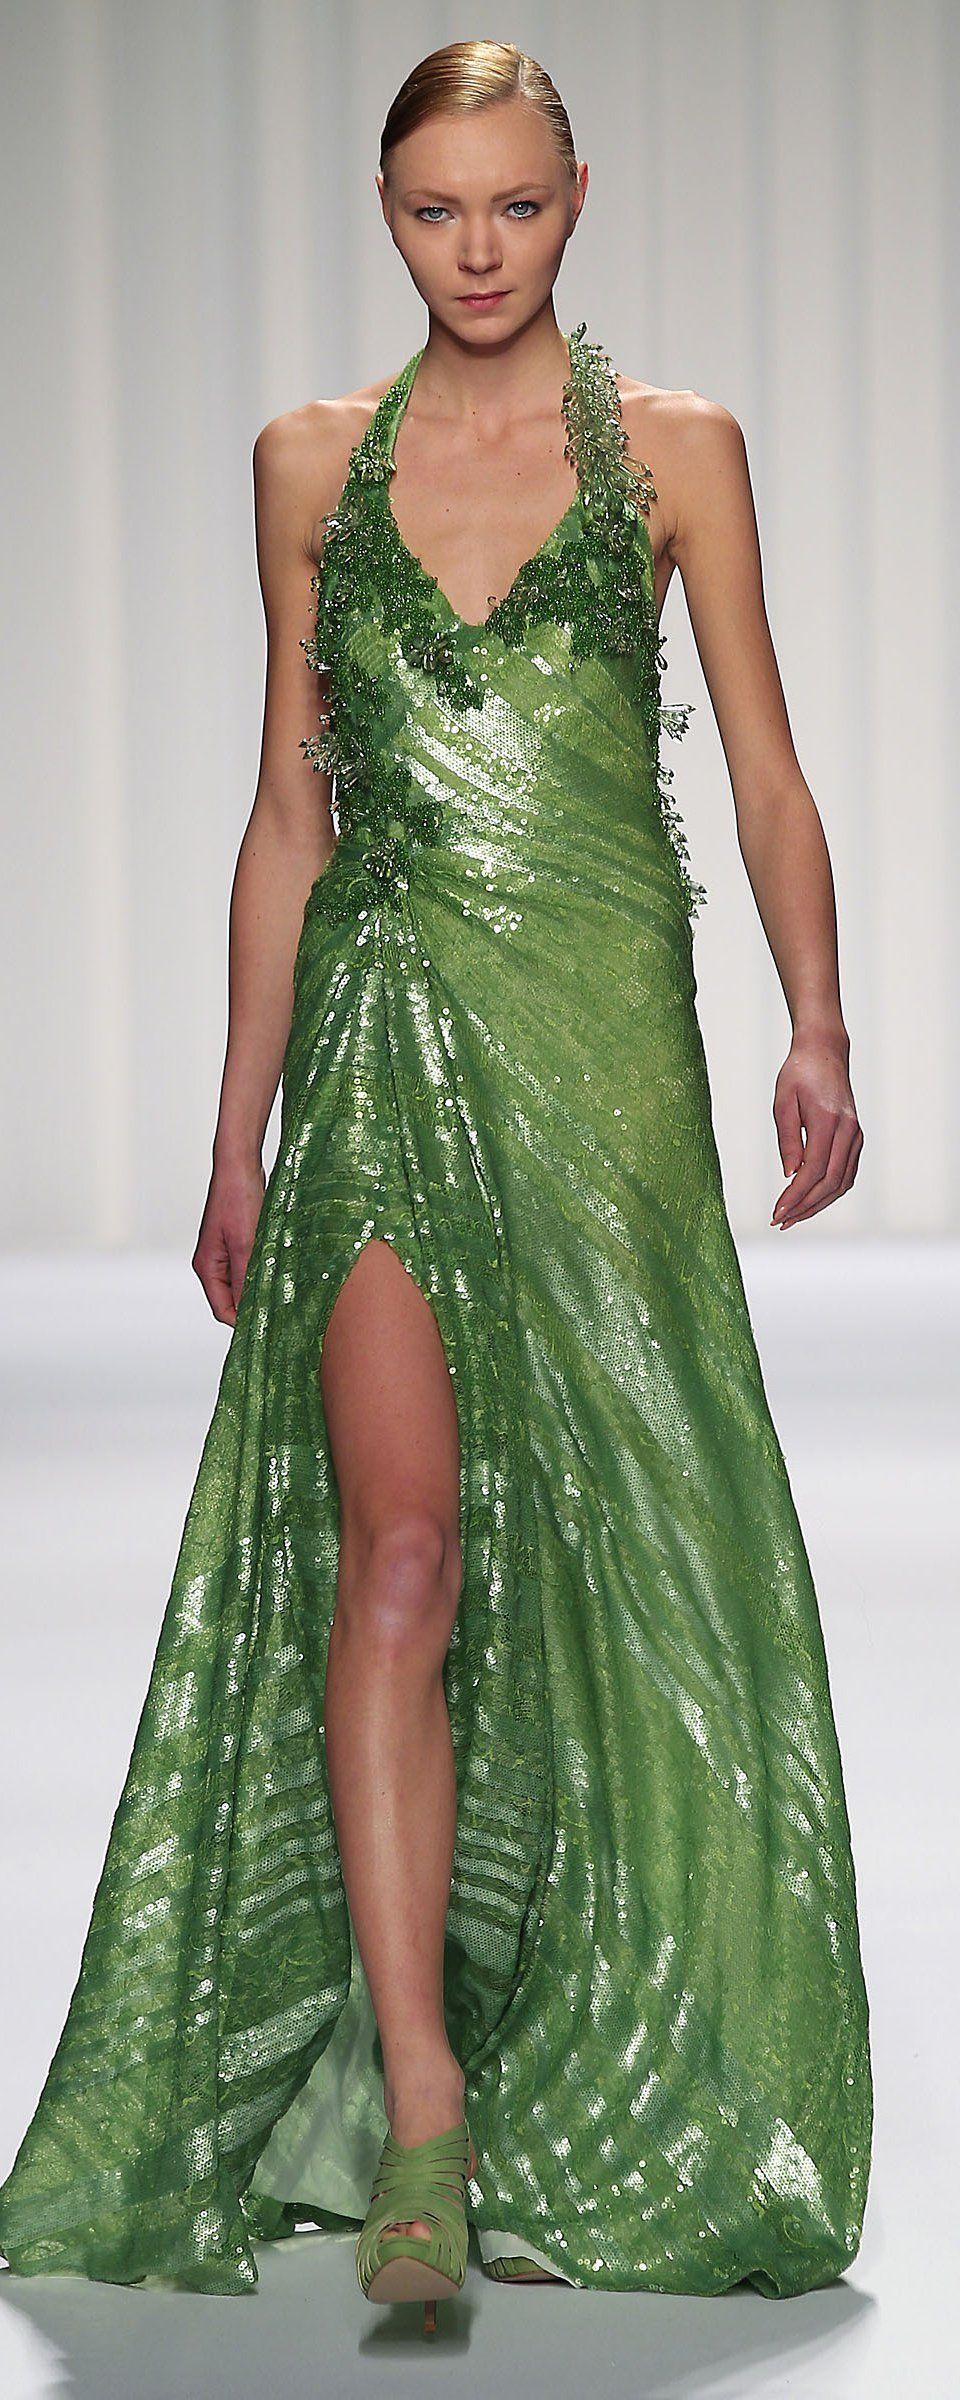 Abed Mahfouz Frühjahr/Sommer 2013 - Couture - http://de.orientpalms.com/abed-mahfouz-3414